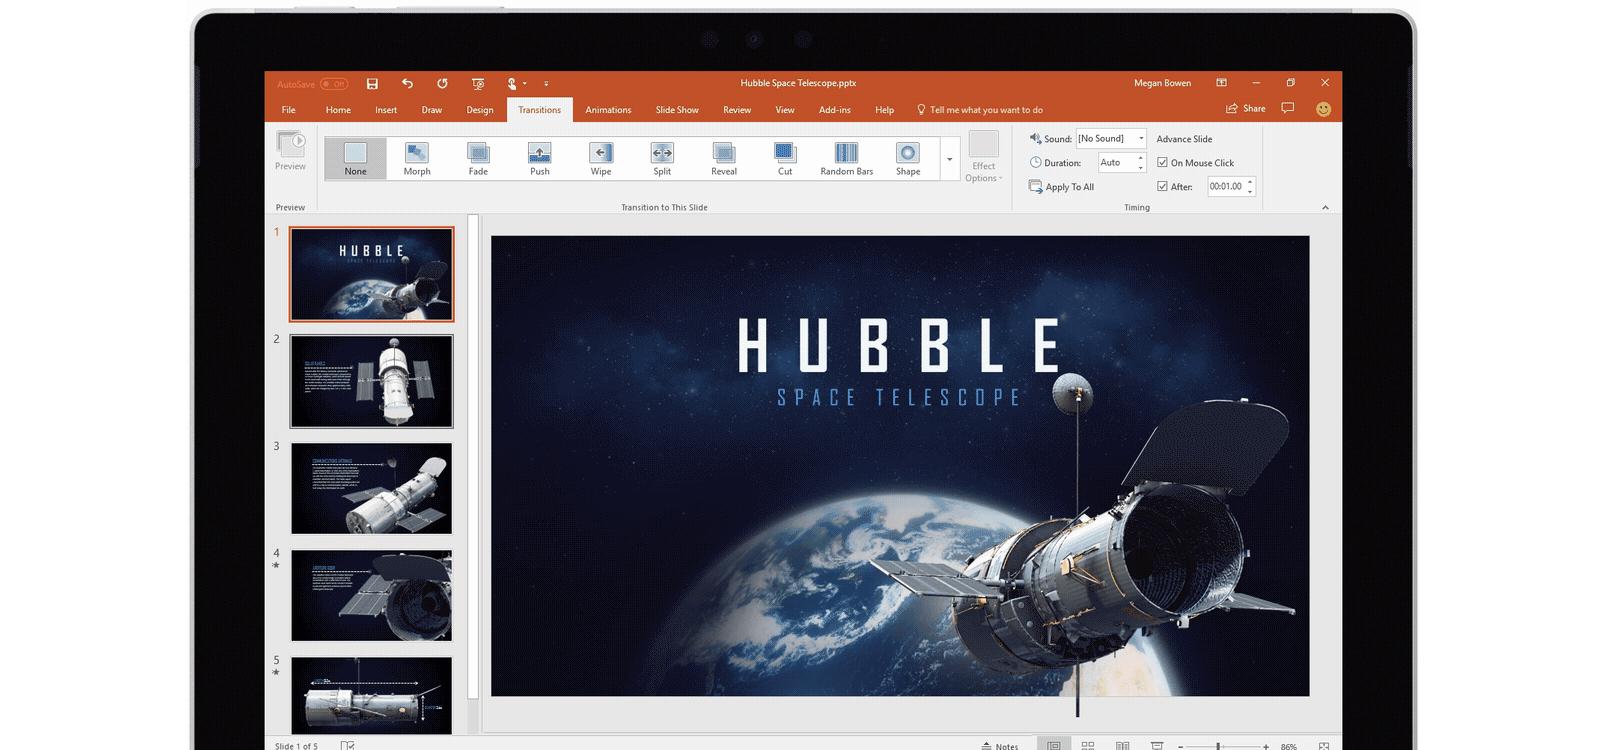 Ecran de tabletă afișând utilizarea tranziției Metamorfoză într-o prezentare PowerPoint despre telescoape spațiale